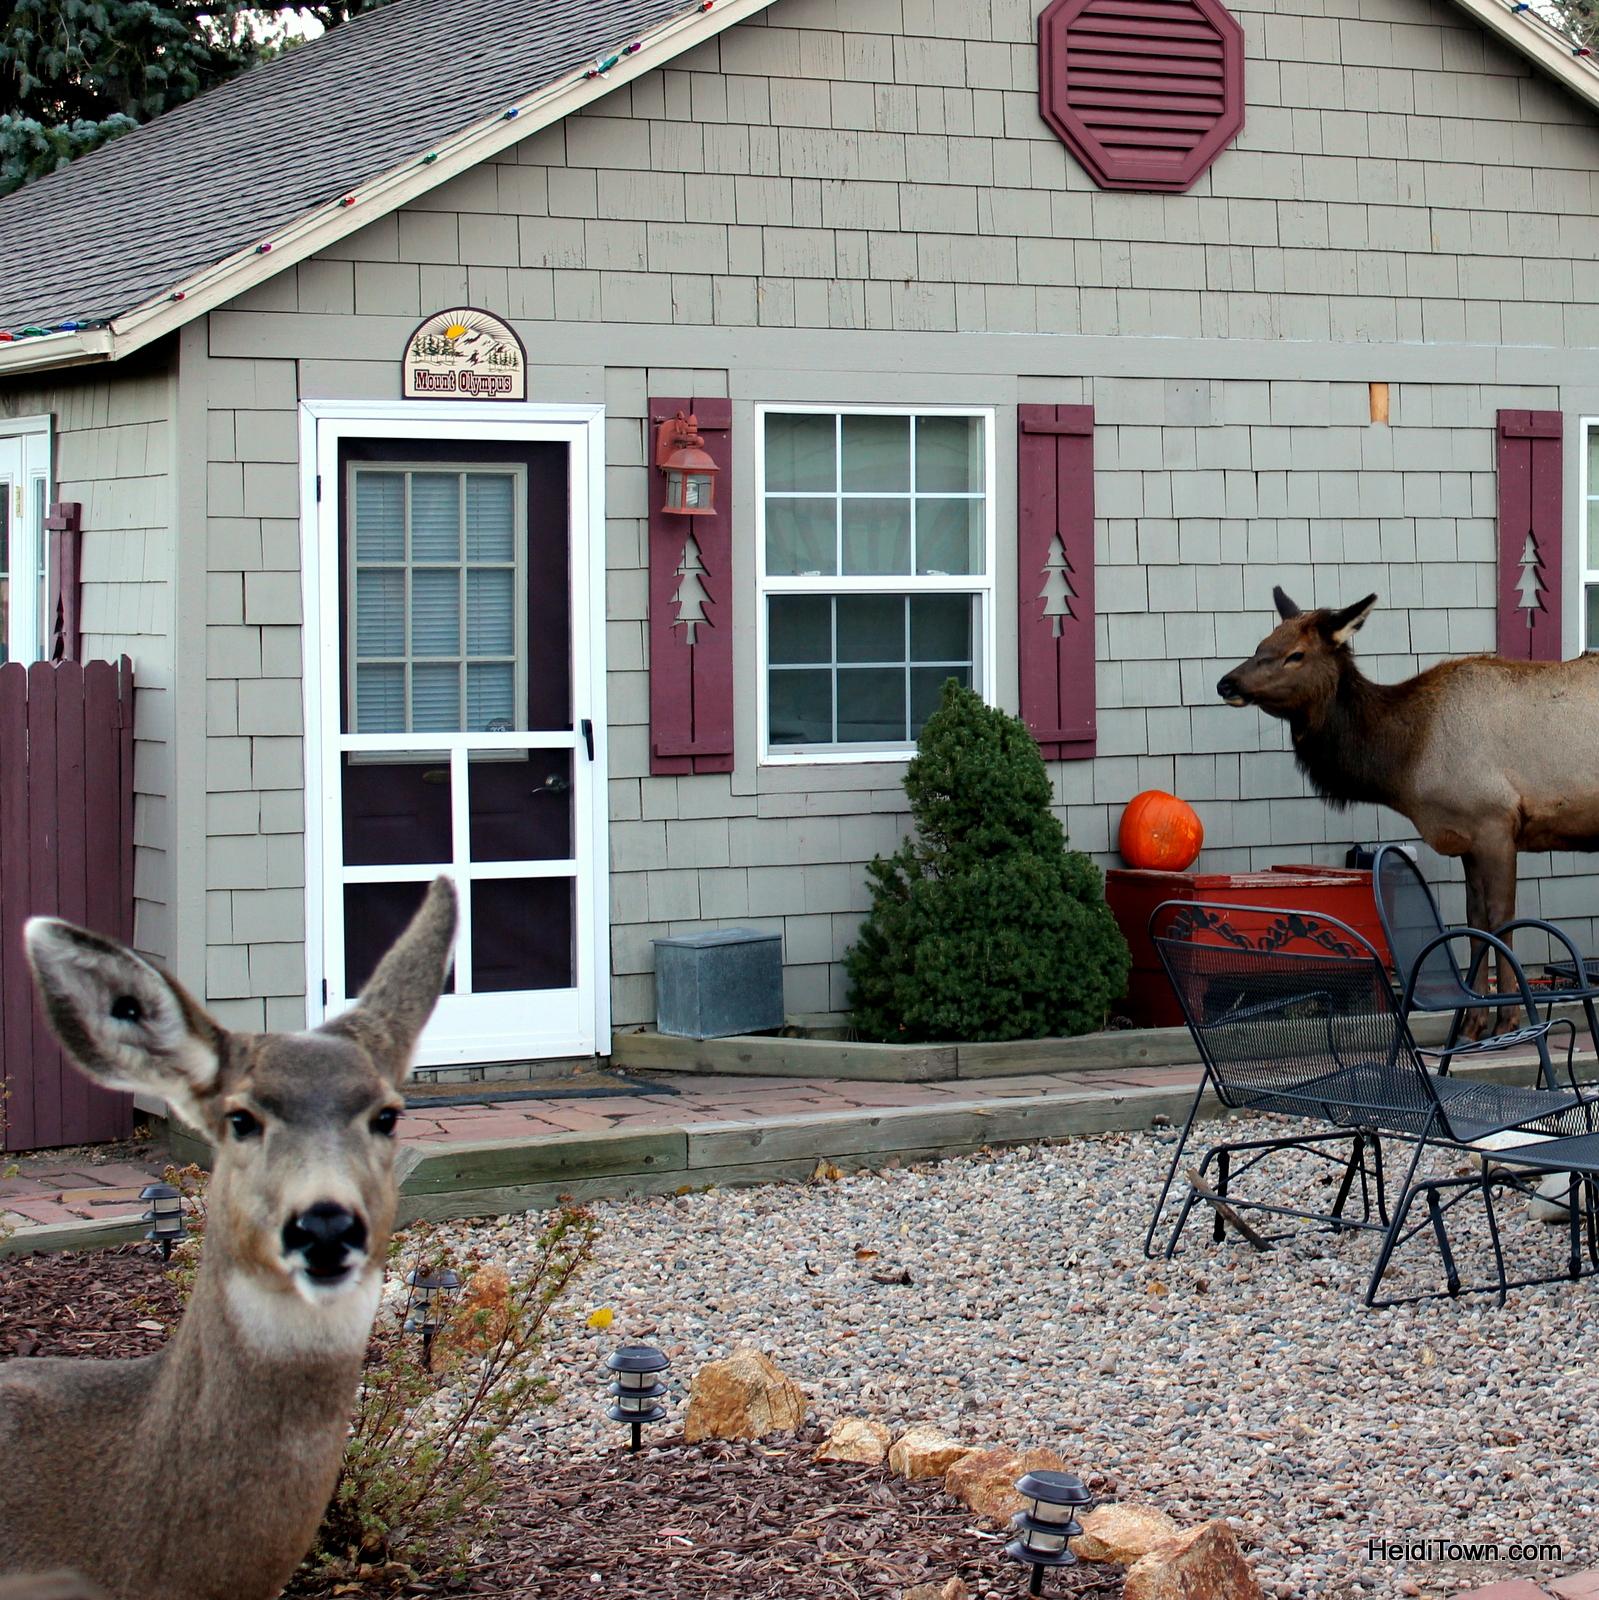 Colorado Images: Estes Park, Colorado, For Adult Getaways Too